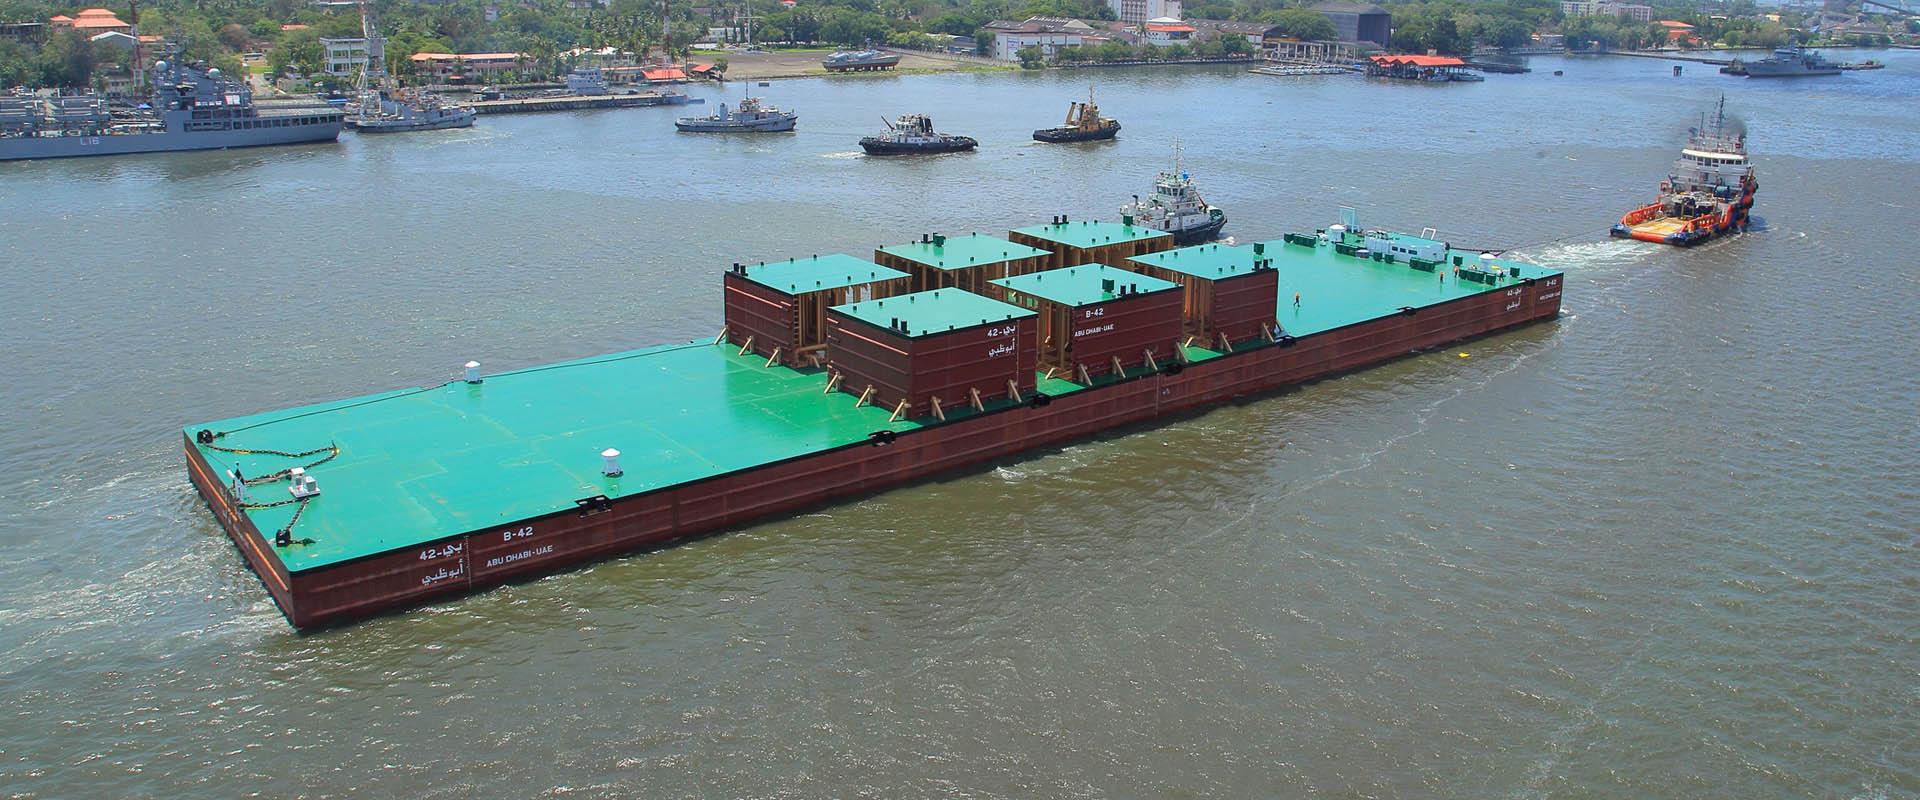 Cochin Shipyard Limited